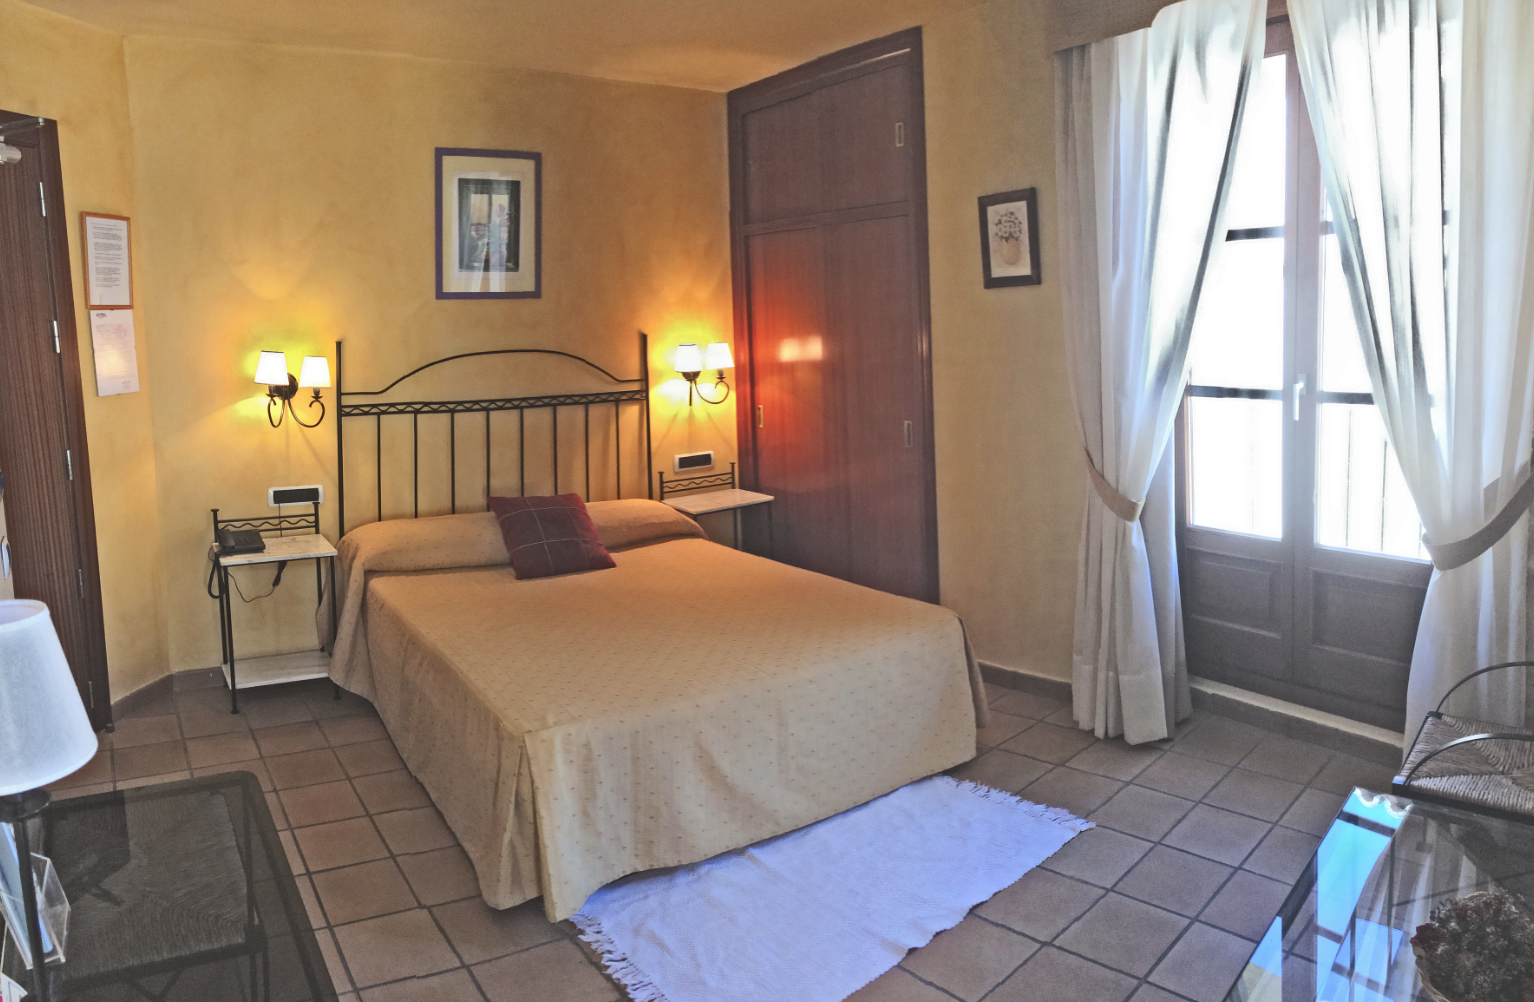 Hotel Guadalope, un hotel familiar en el centro histórico de Alcañiz